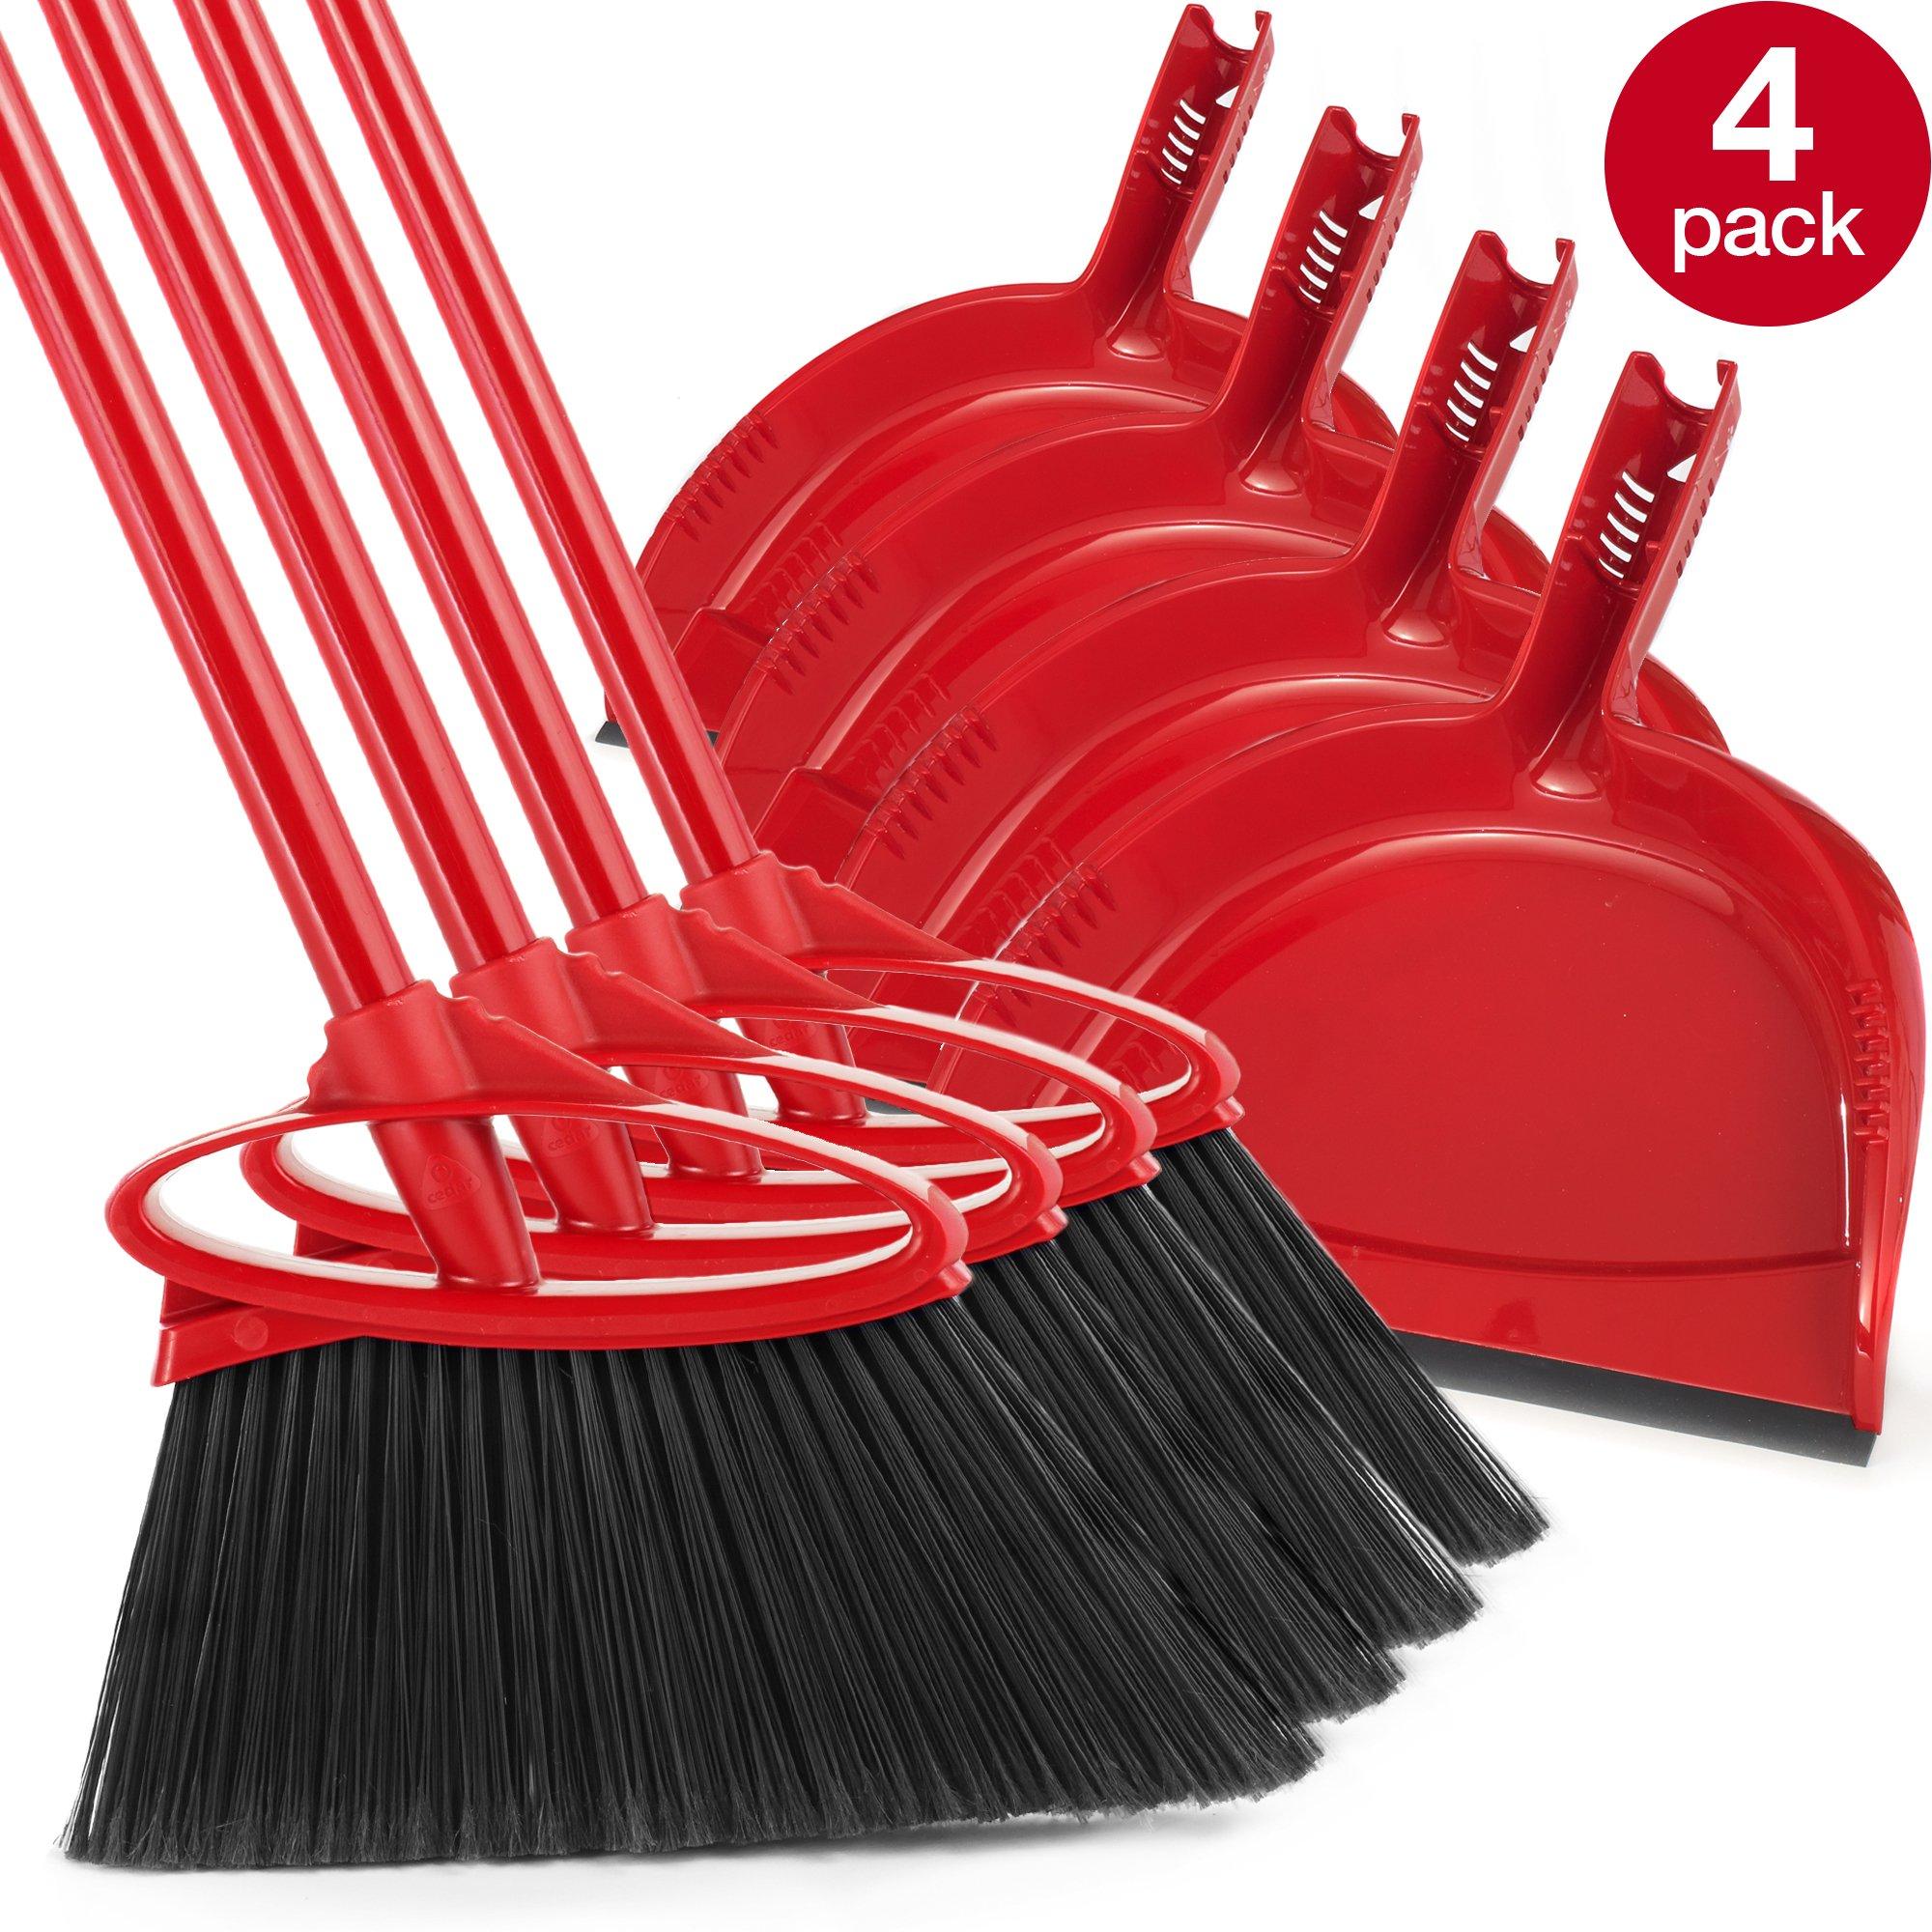 O-Cedar B01NBMAL83 791484317028 Angler Angle Broom with Dust Pan, Pack- 4, Red by O-Cedar